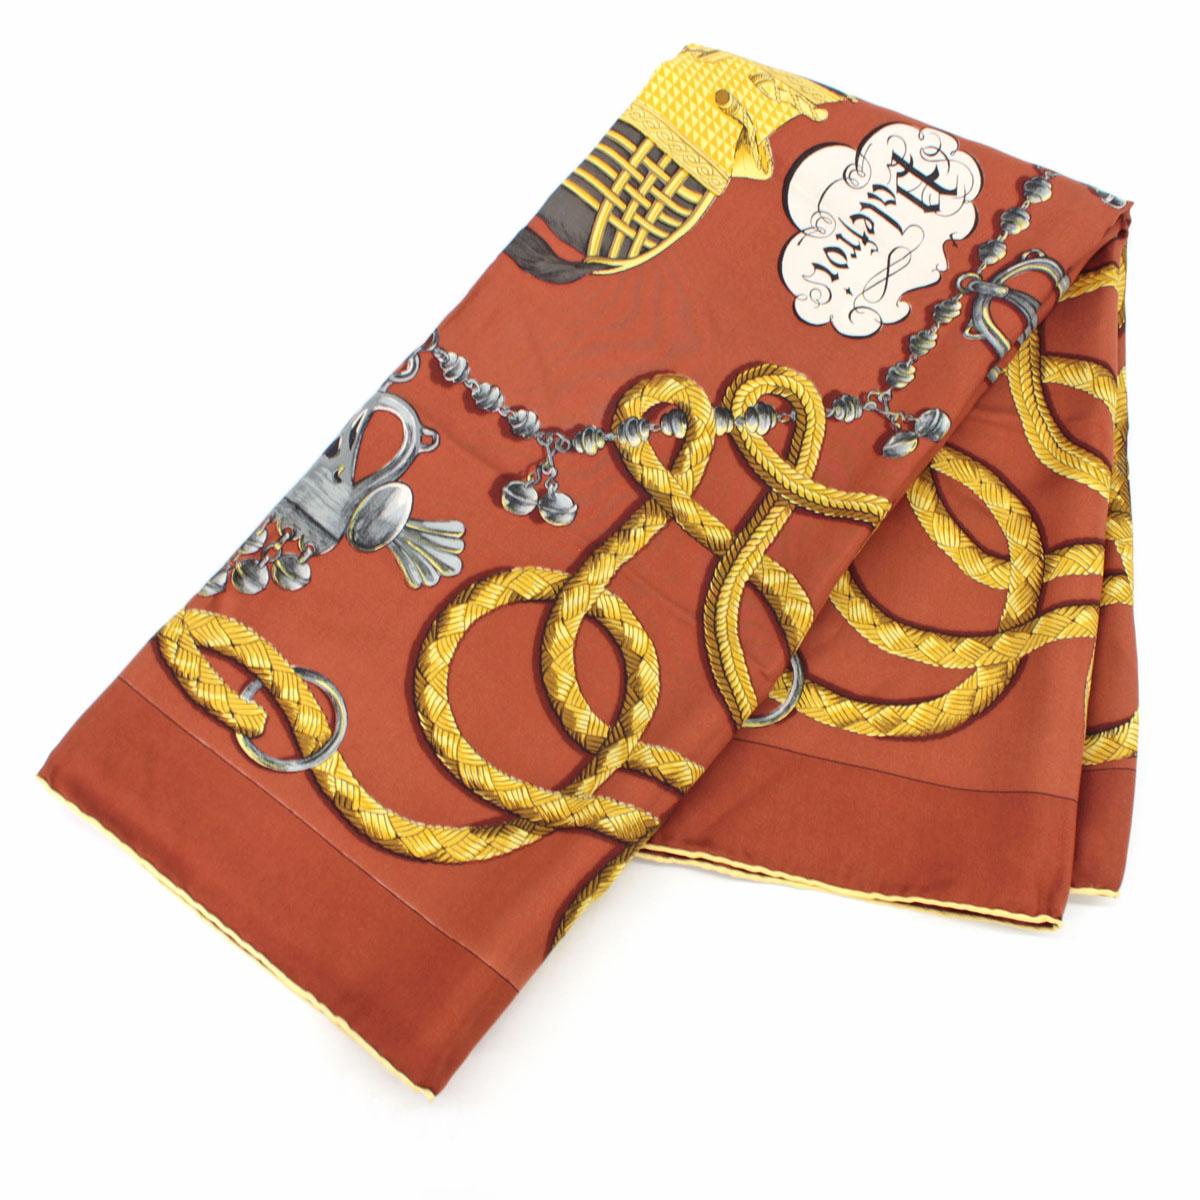 【中古】◆HERMES エルメス カレ90 スカーフ Palefroi◆ brown /茶/ブラウン/レディース/服飾小物